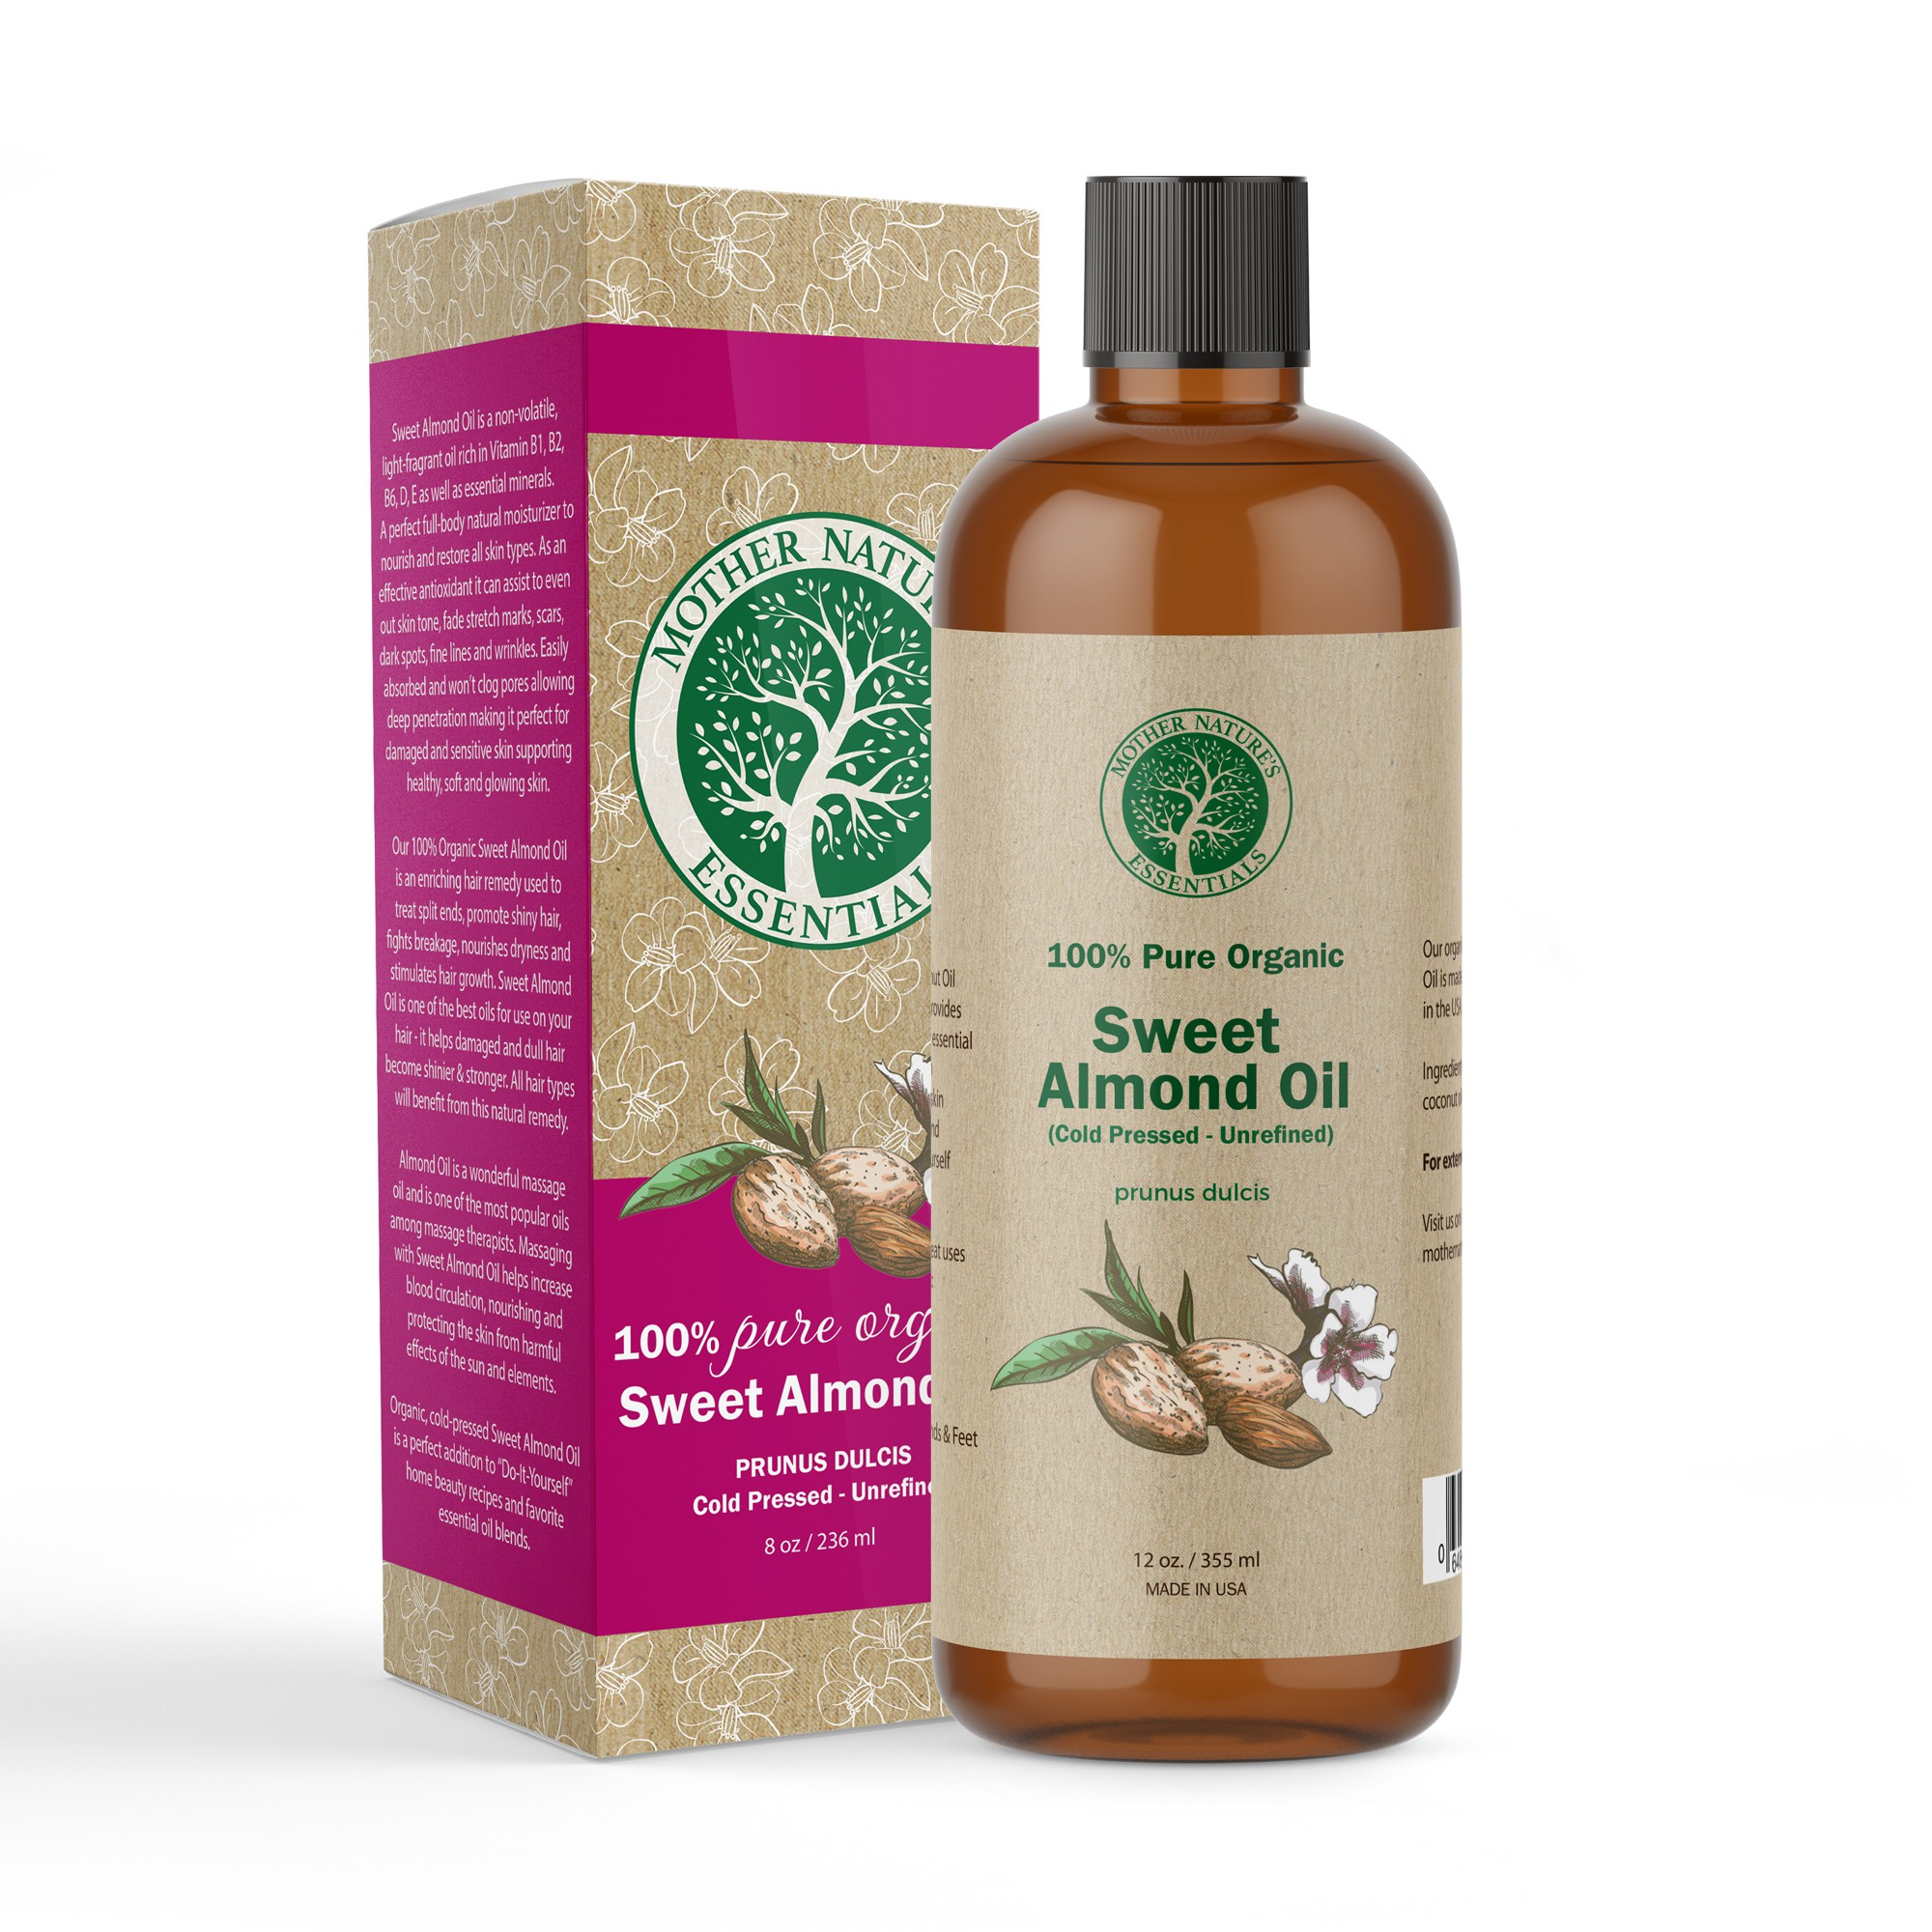 Coconut Oil & Almond Oil photos